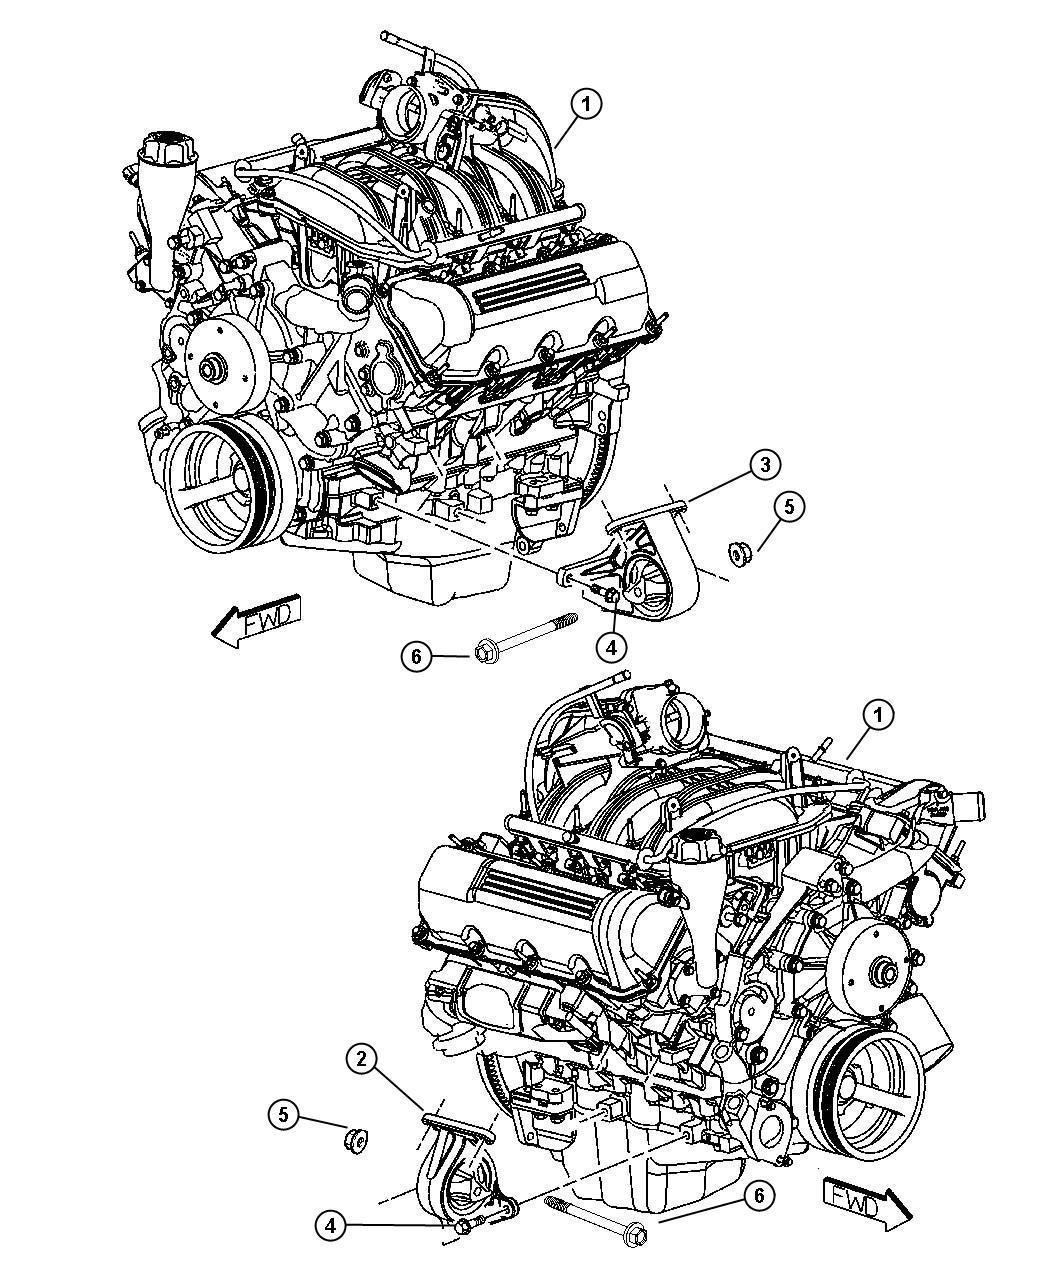 Engine Mounting, Front, N1,3.7L Engine - 3.7L V6.